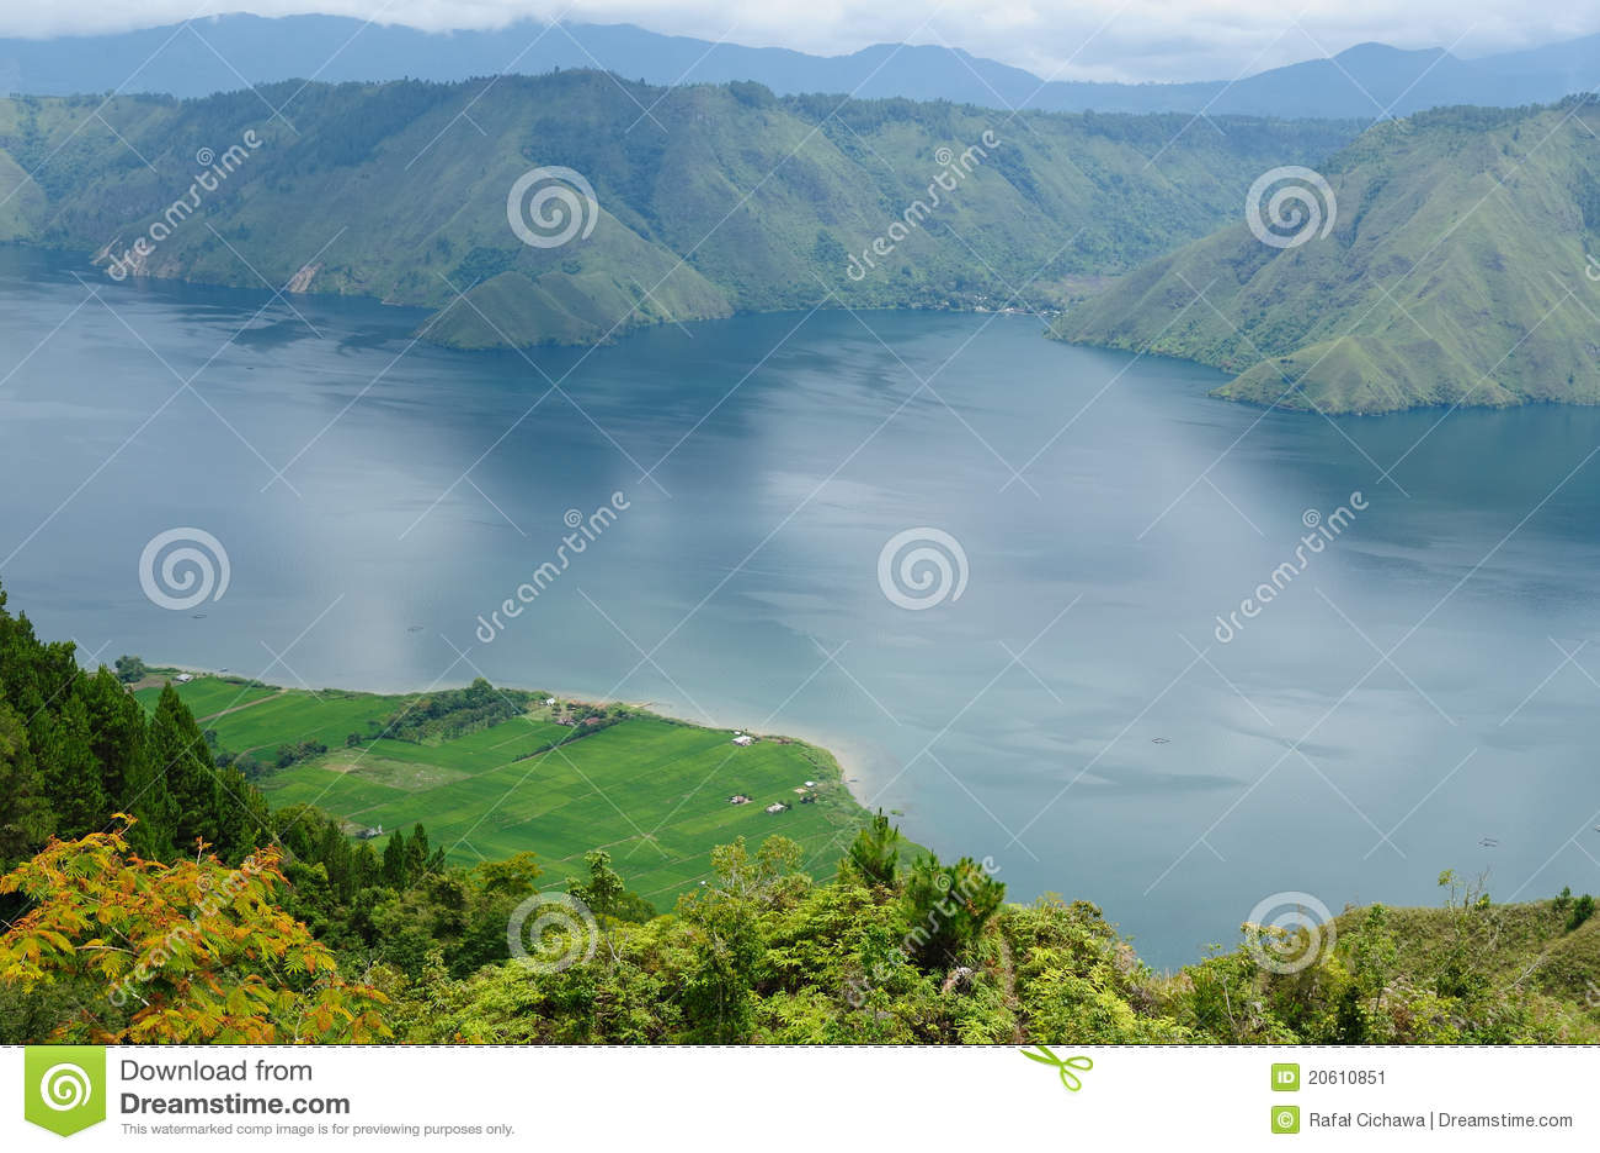 Indonesia, Sumatra, Danau Toba